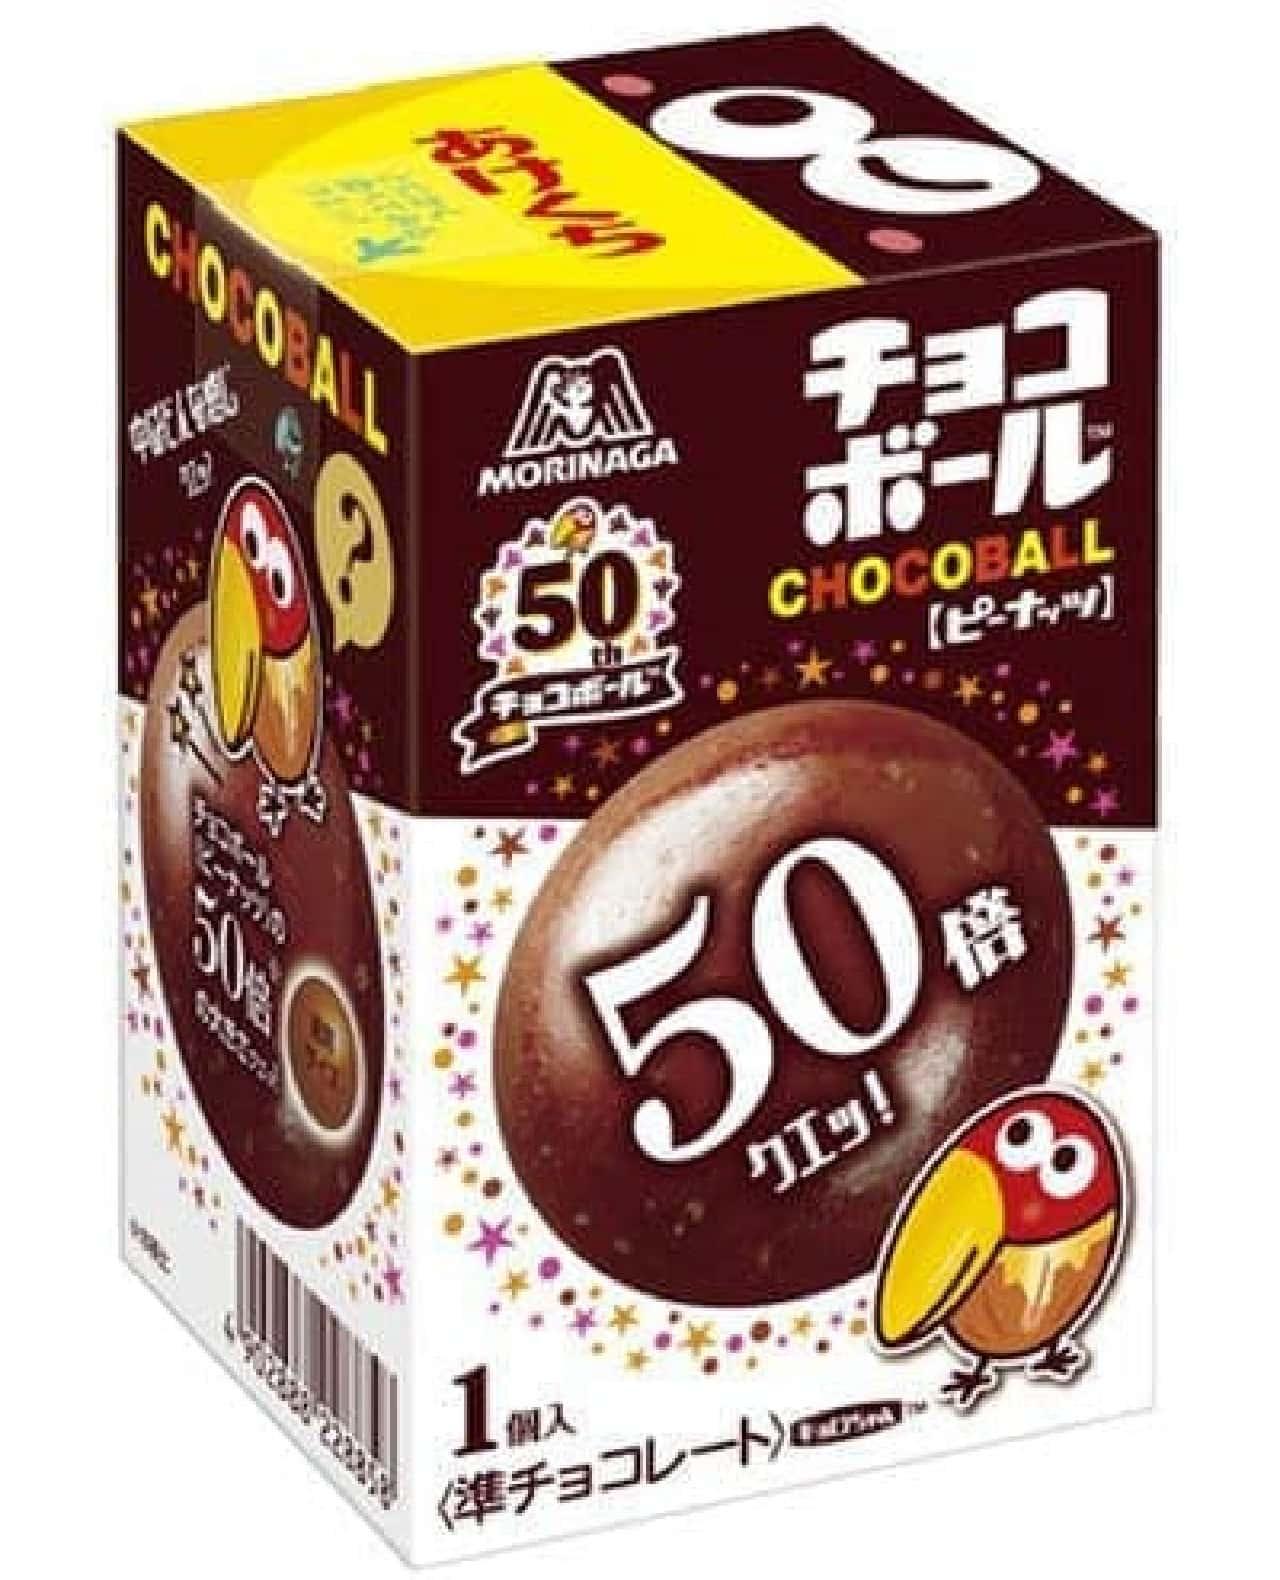 チョコボール〈ピーナッツ〉は、通常のチョコボールの50倍サイズのお菓子